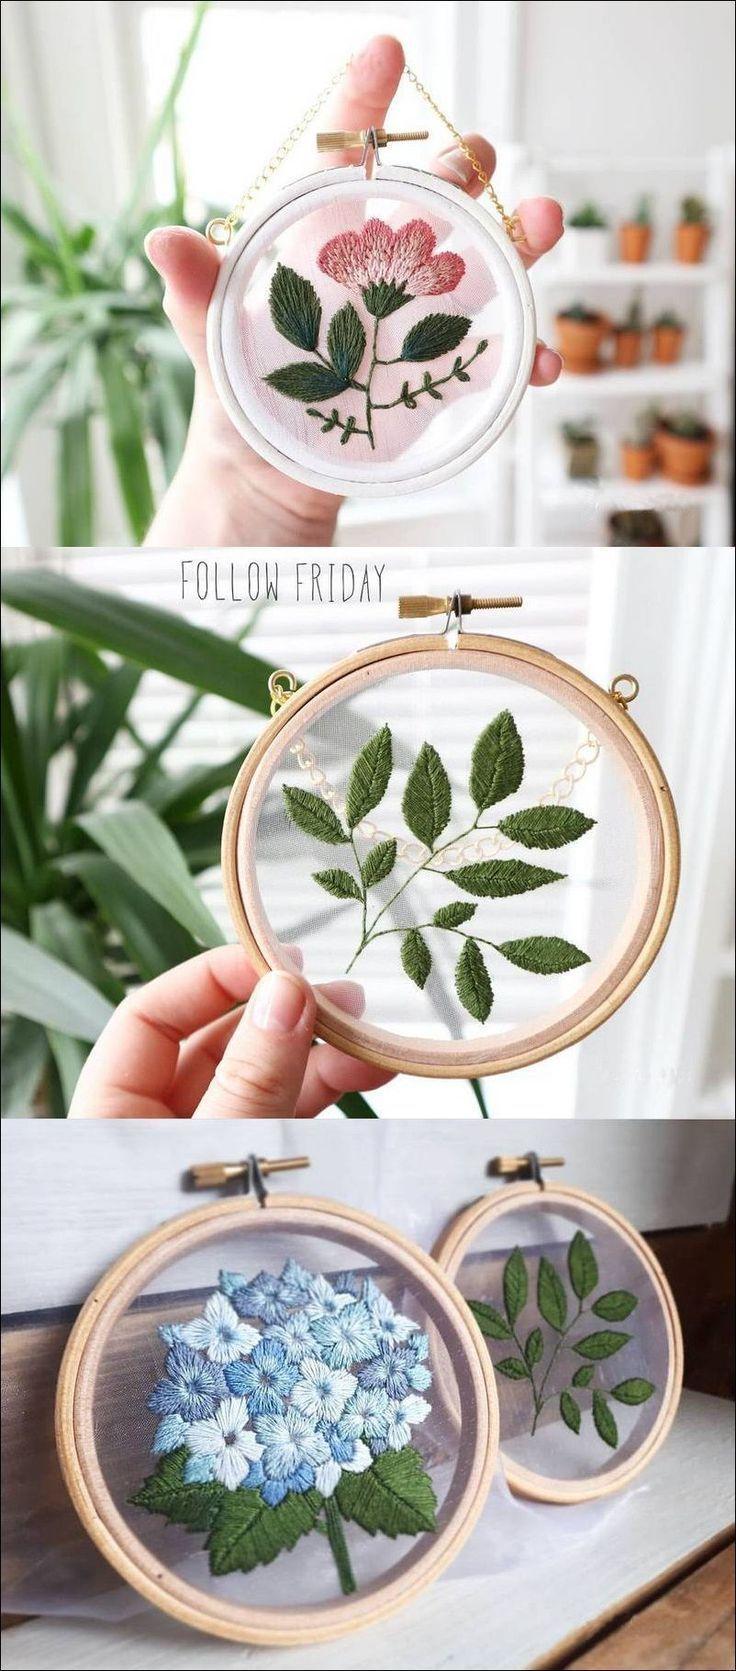 une plateforme de partage, de communication et de shopping dont les principaux produits sont l'artisanat   – Embroidery